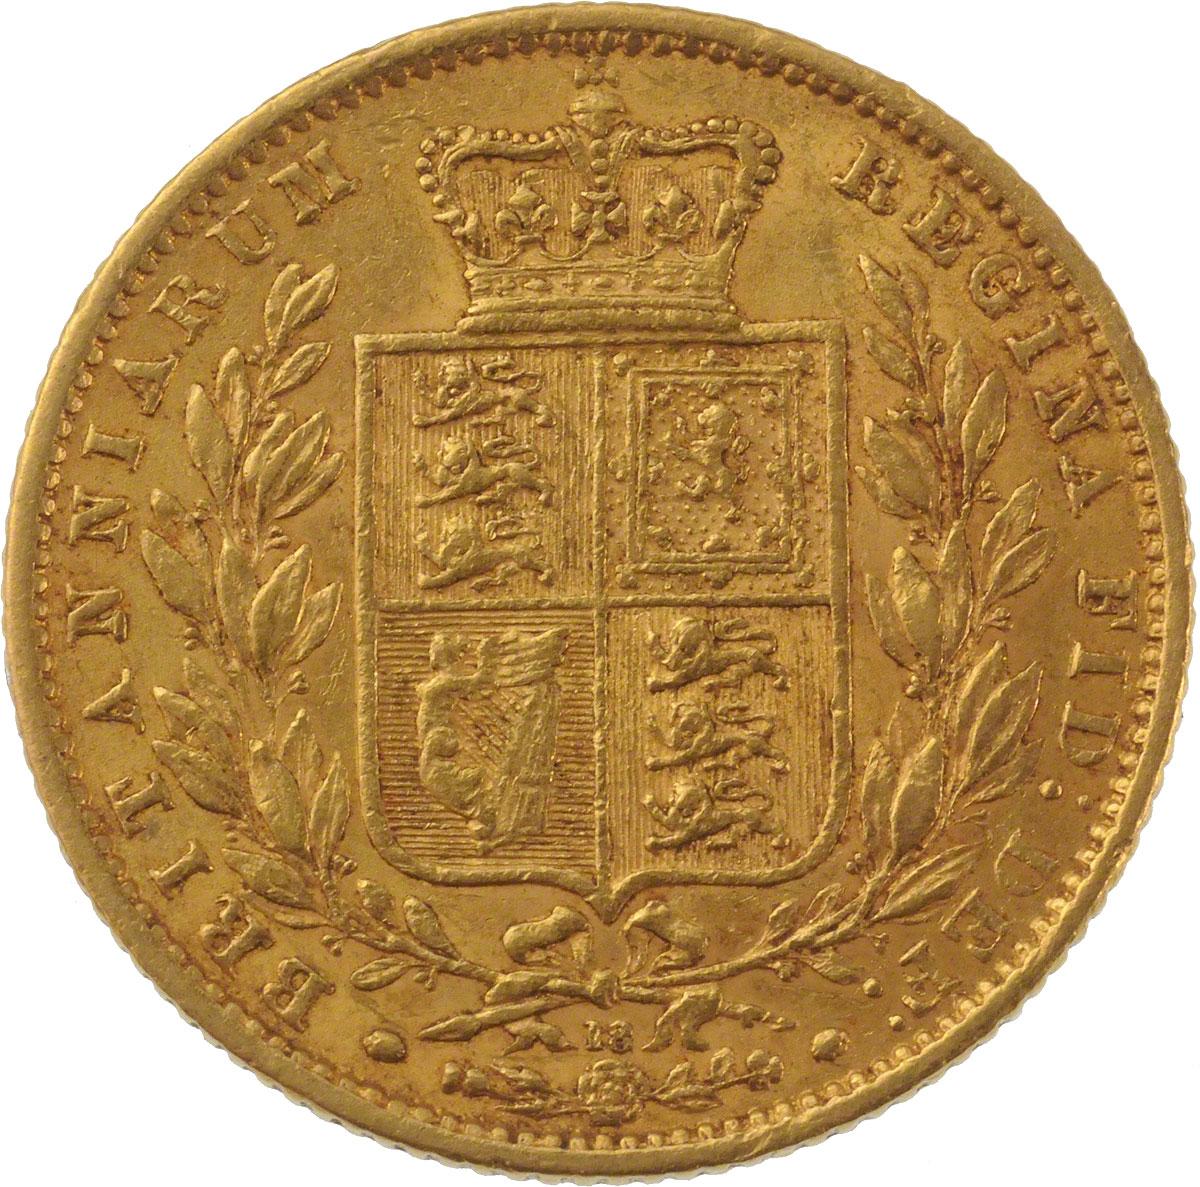 1865 Βικτώρια (Νομισματοκοπείο Λονδίνου)